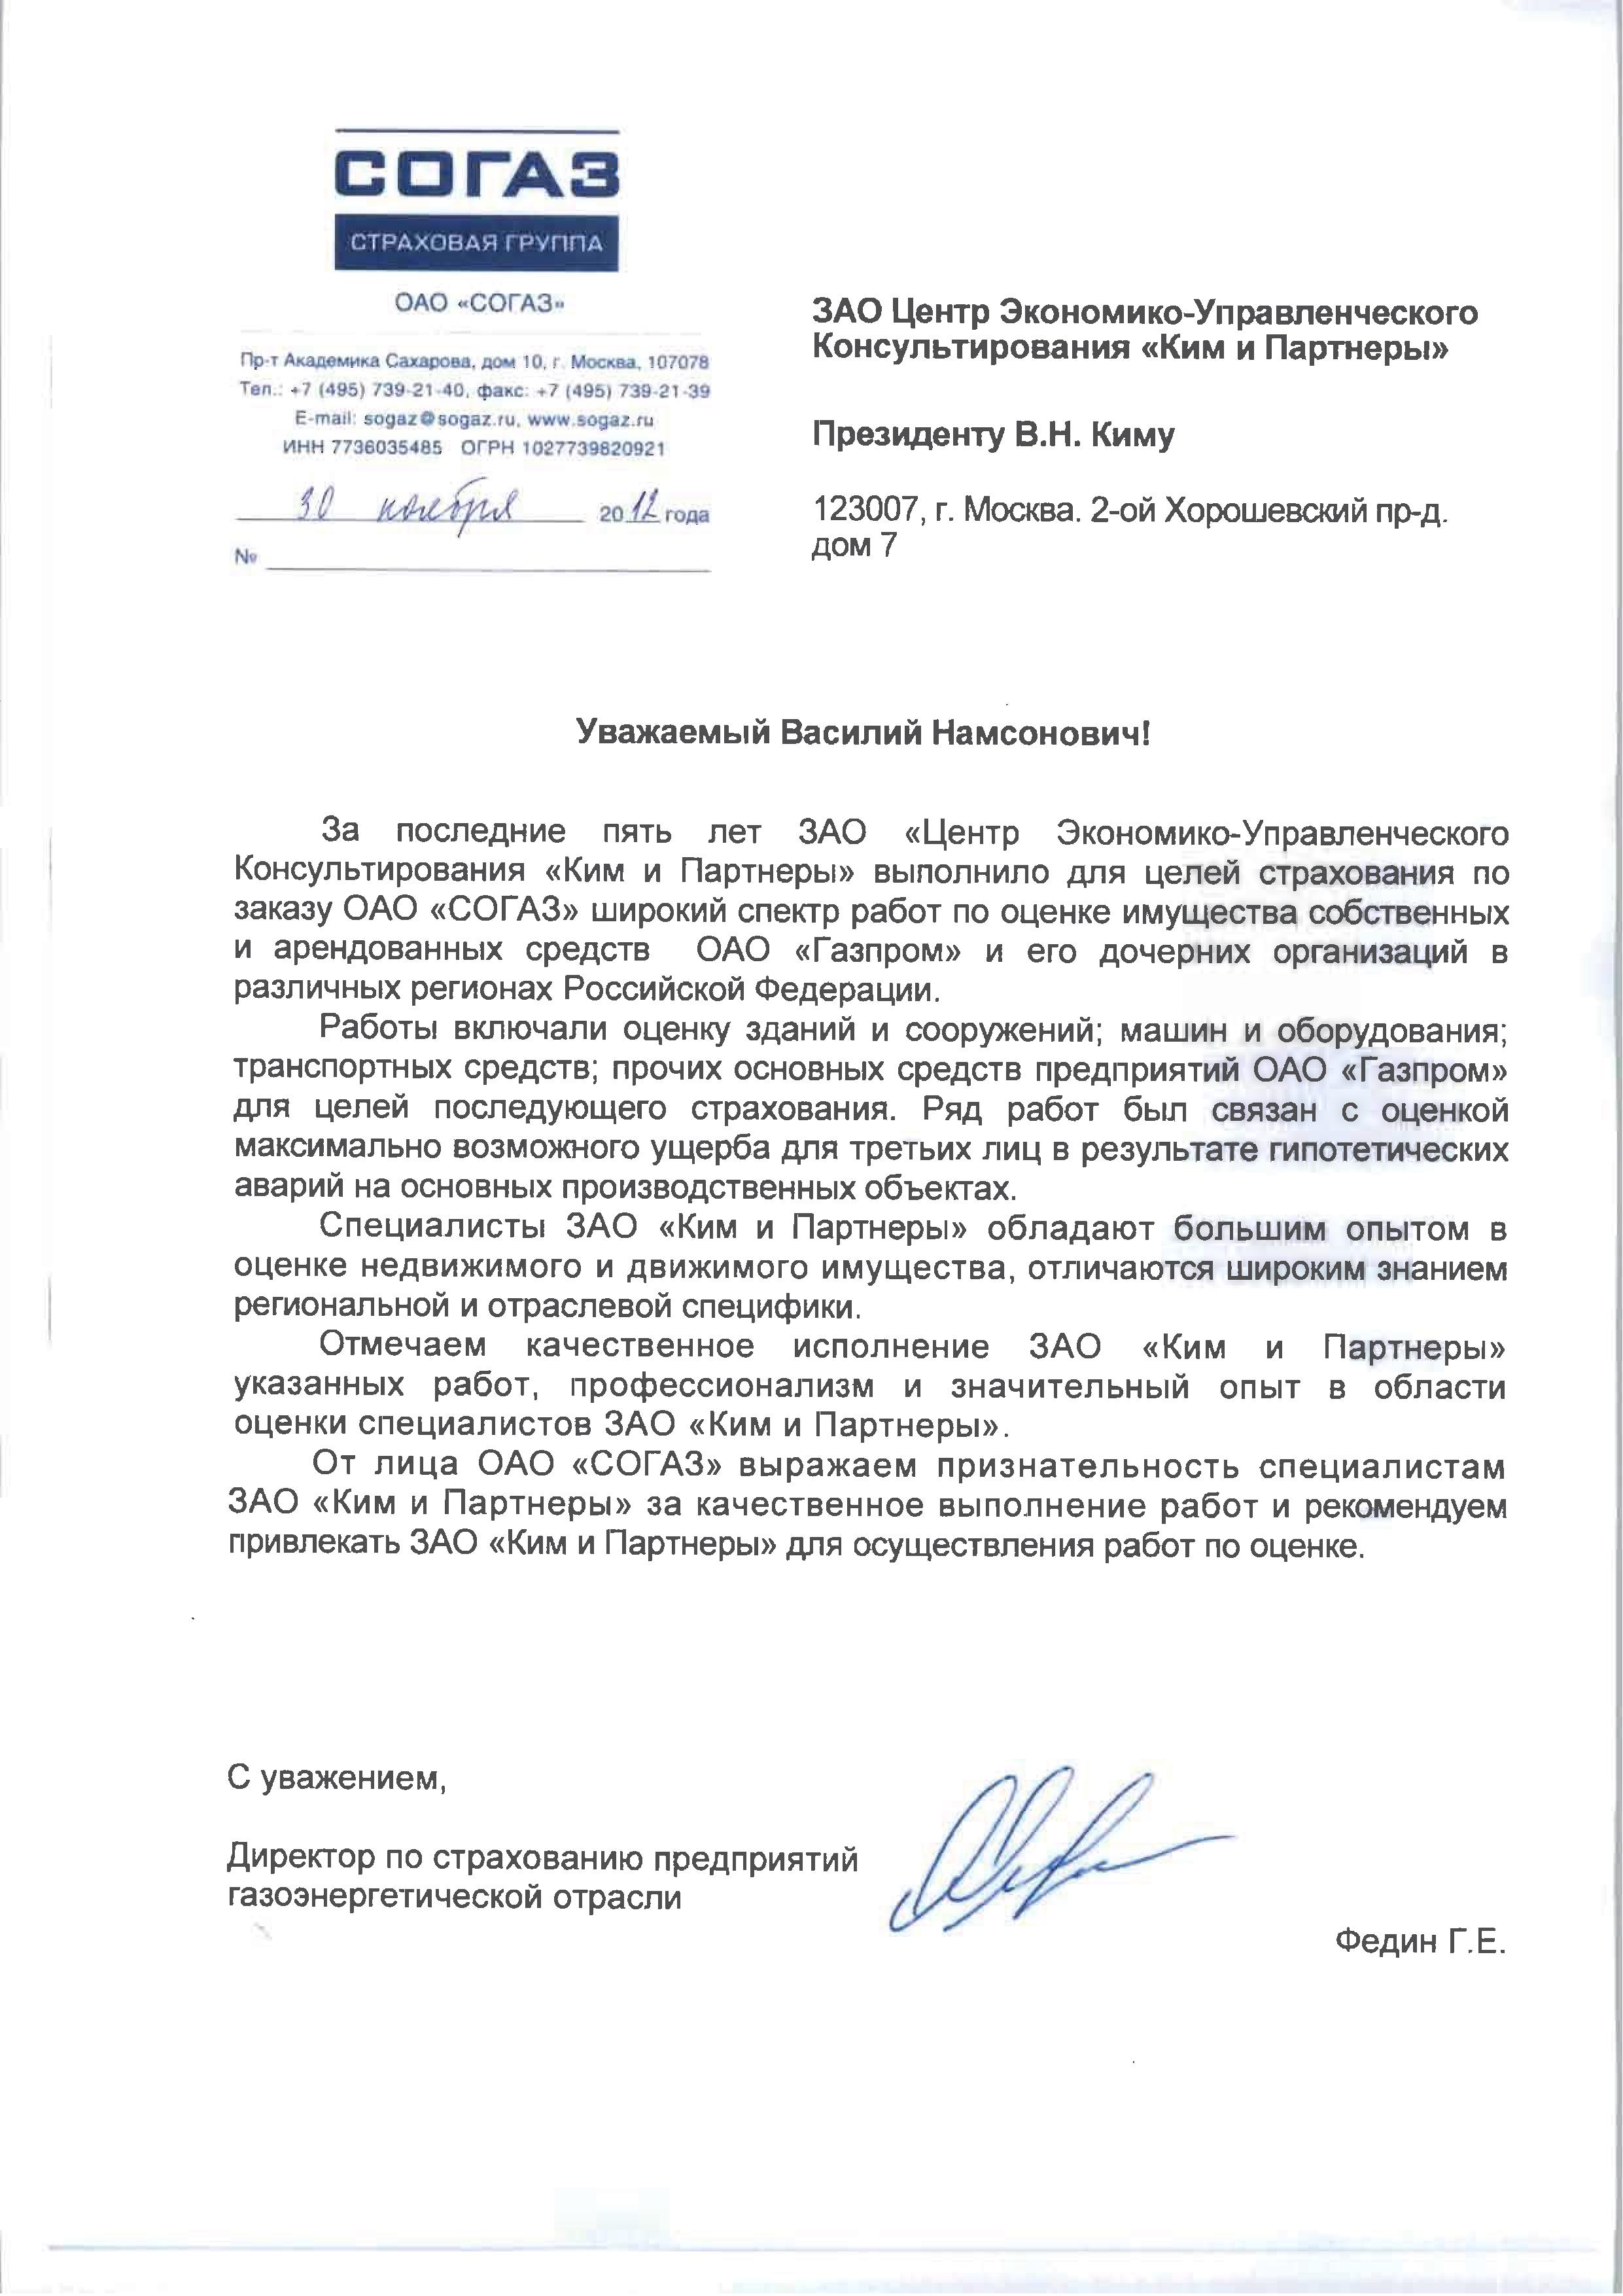 Стоимостная (оценочная)экспертиза Согаз.png